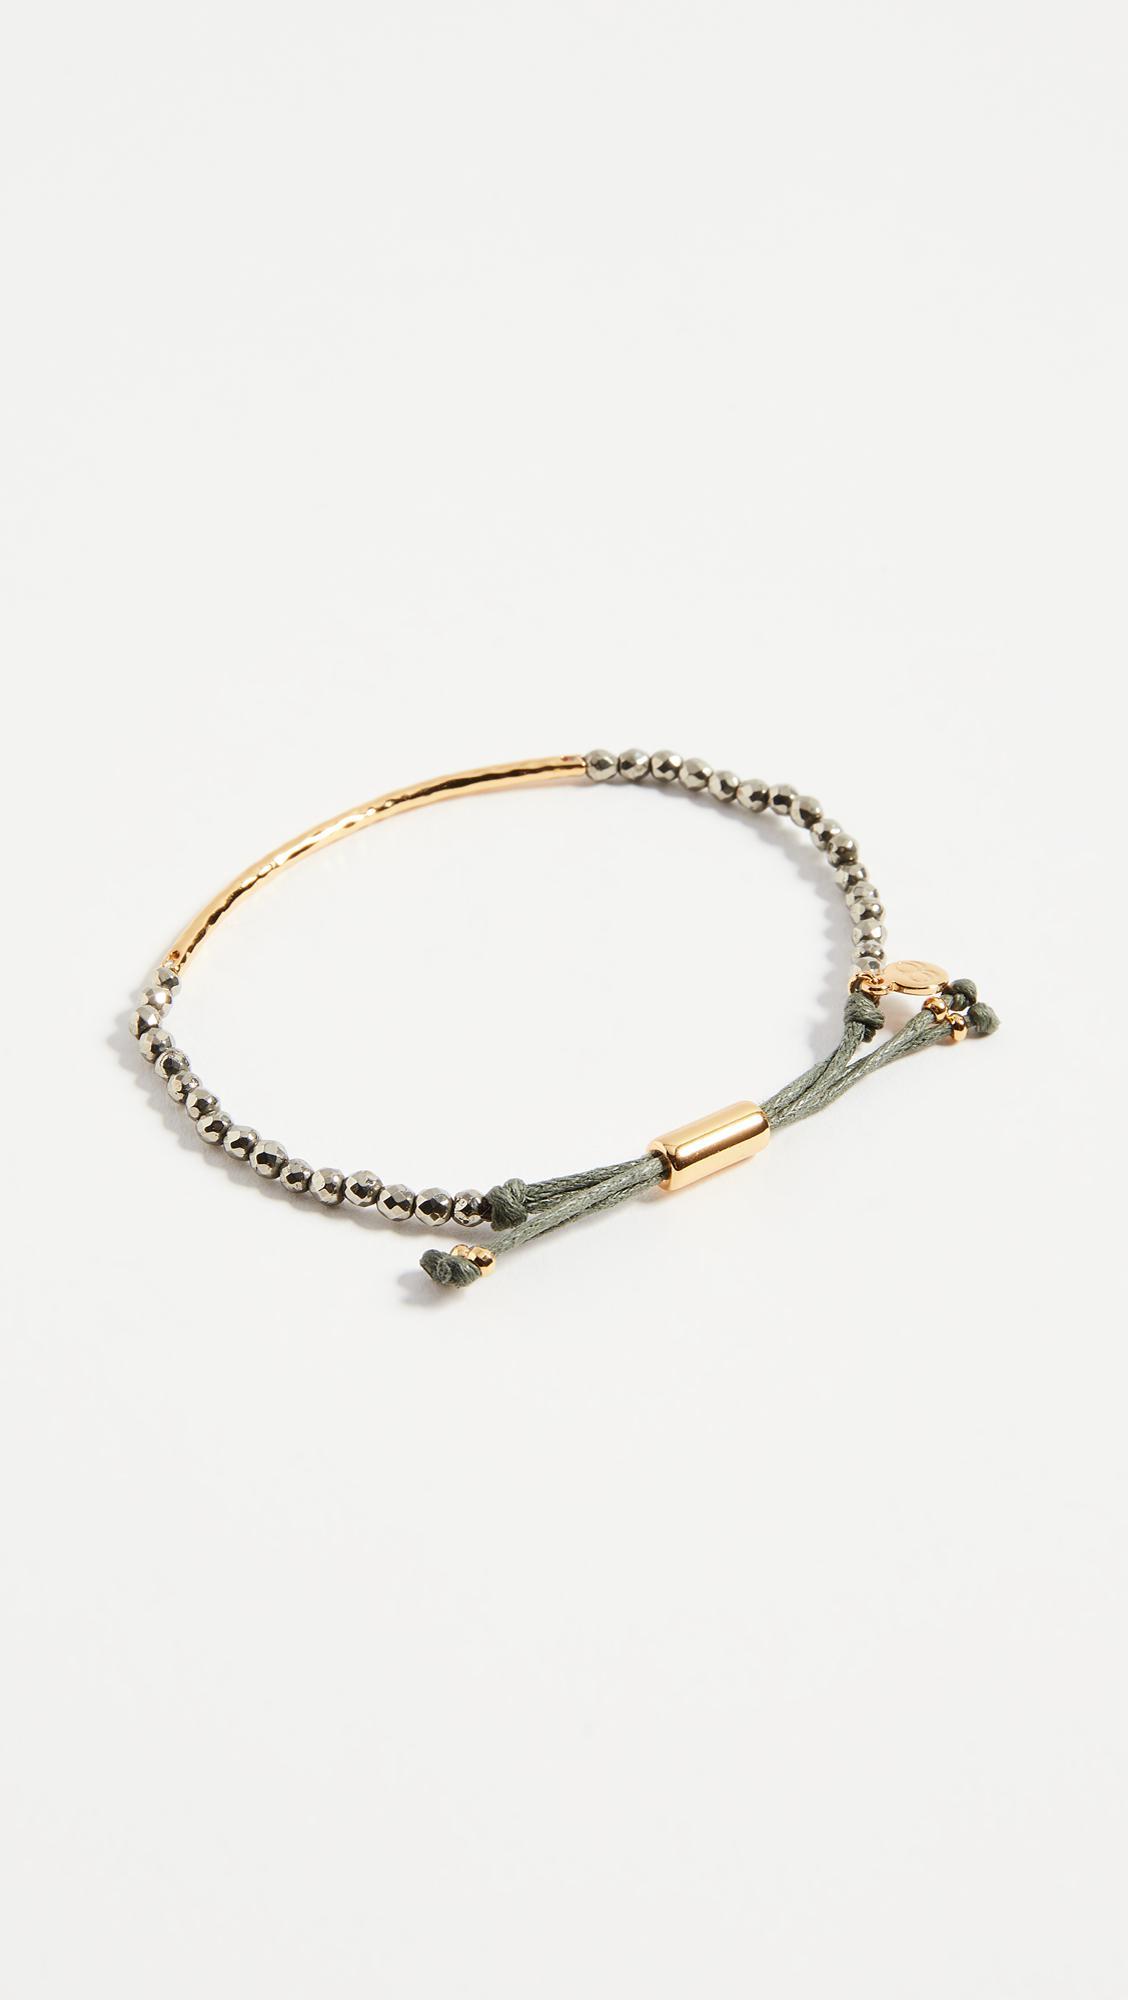 Gorjana Power Bracelet for Strength nXyuh